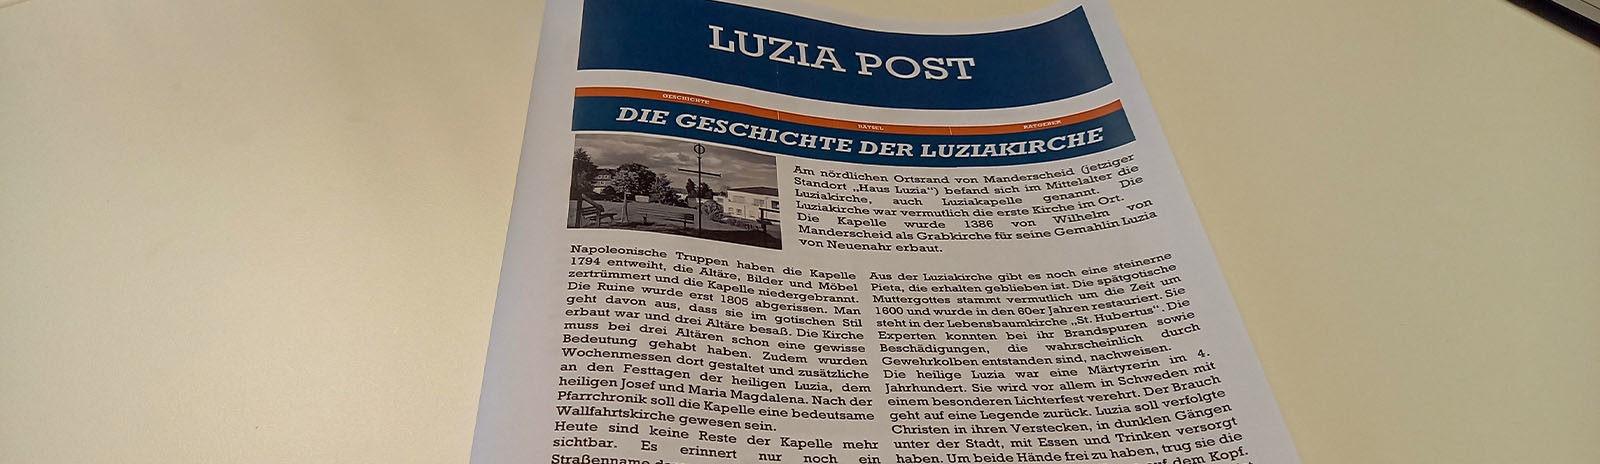 Luzia_Post_slider